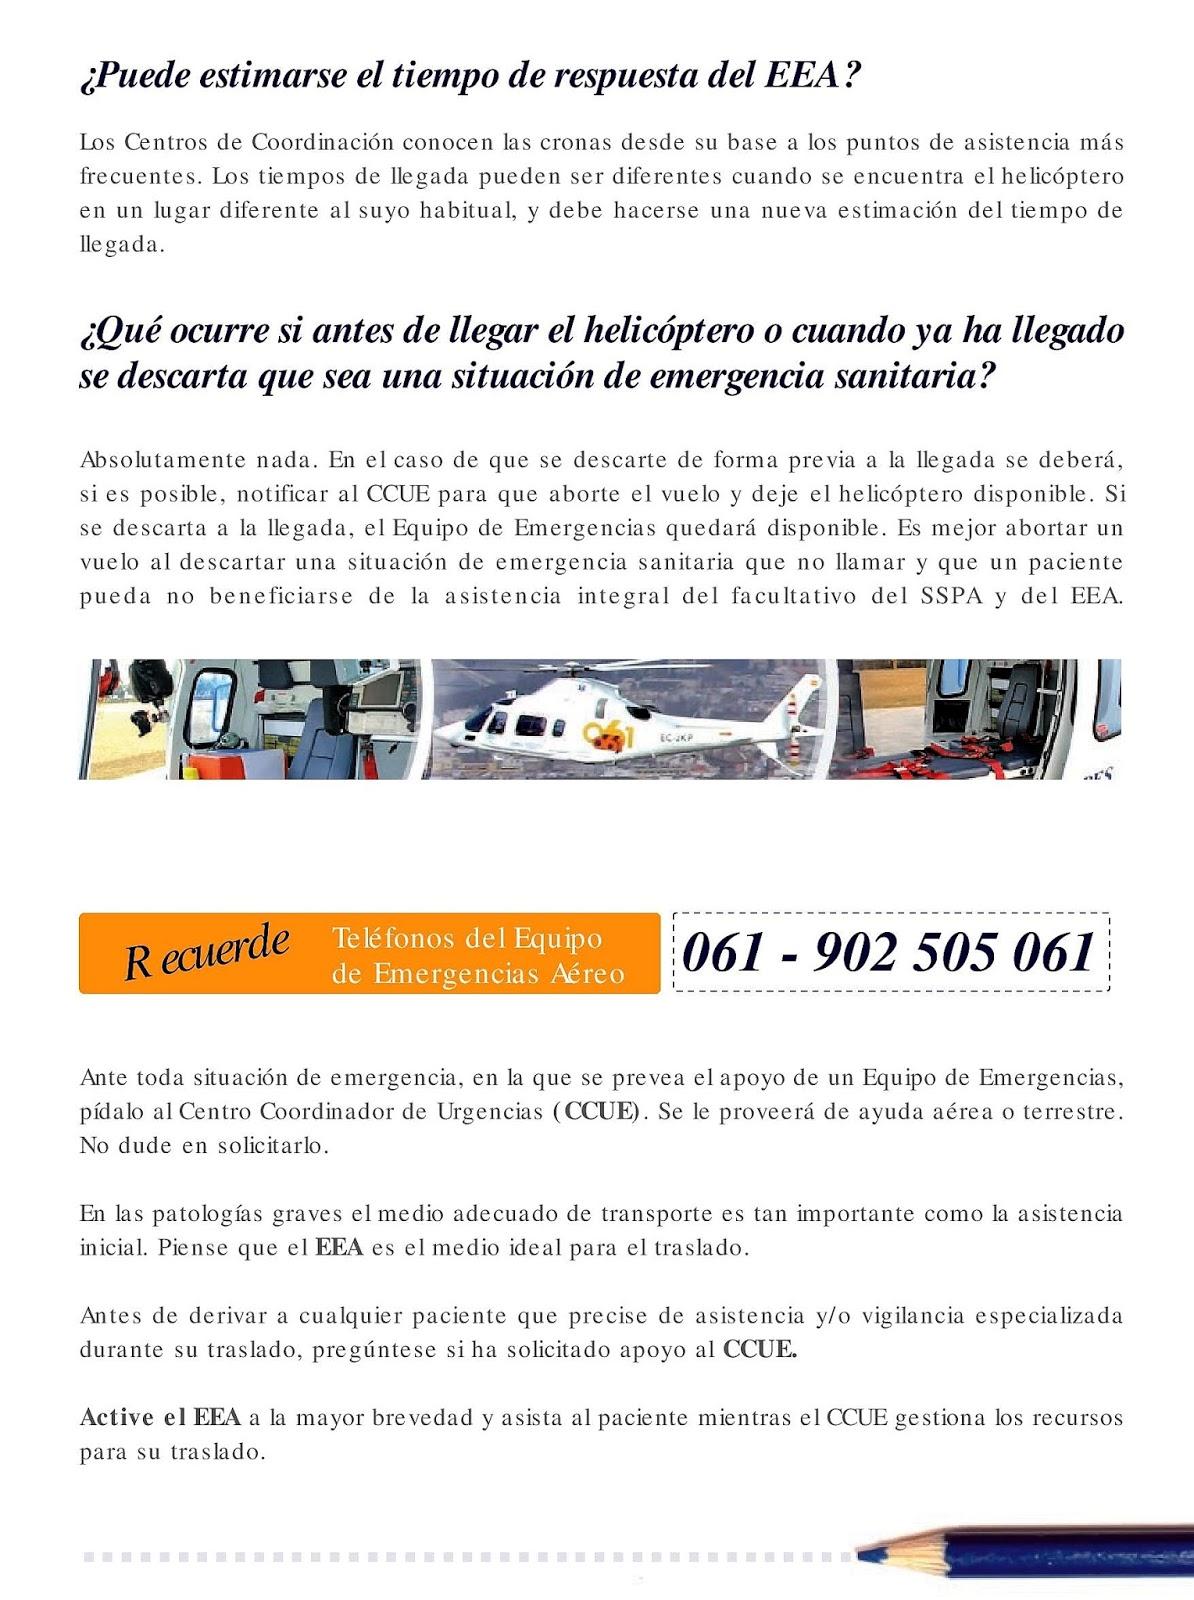 EMS SOLUTIONS INTERNATIONAL marca registrada: PREPARACIÓN DEL PACIENTE PARA  EVACUACIONES AÉREAS. Transporte Aeromedico